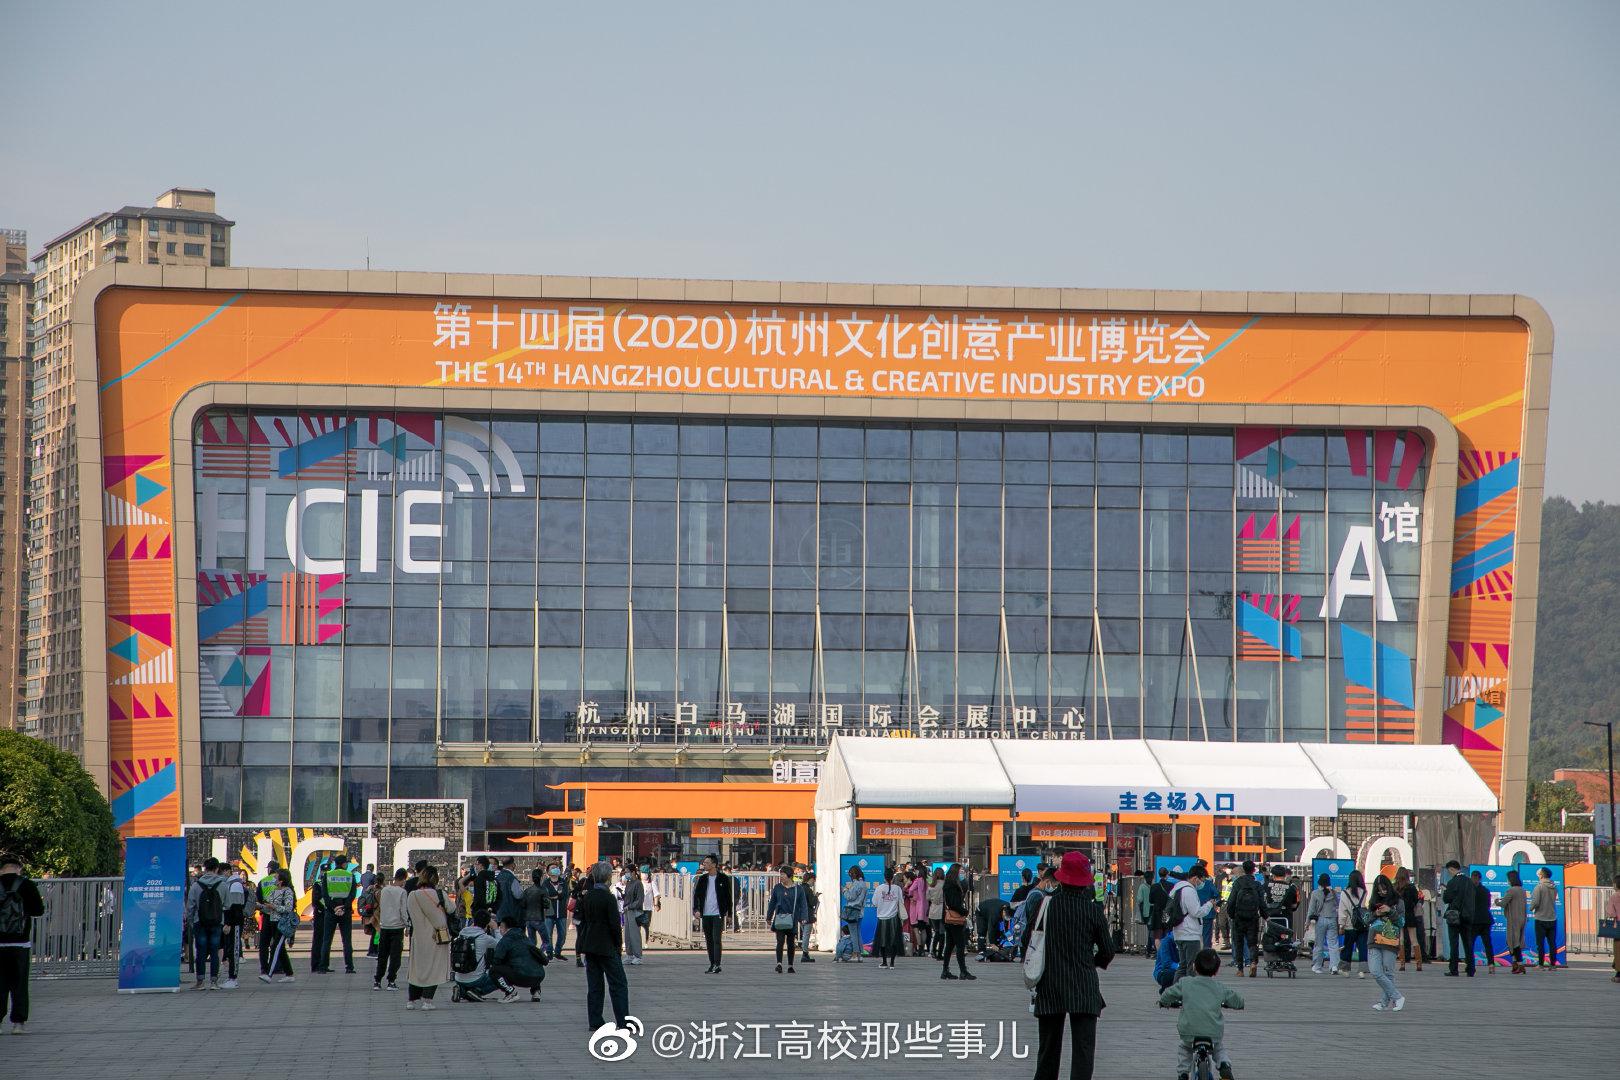 为期4天的第十四届(2020)杭州文化创意产业博览会终于来啦